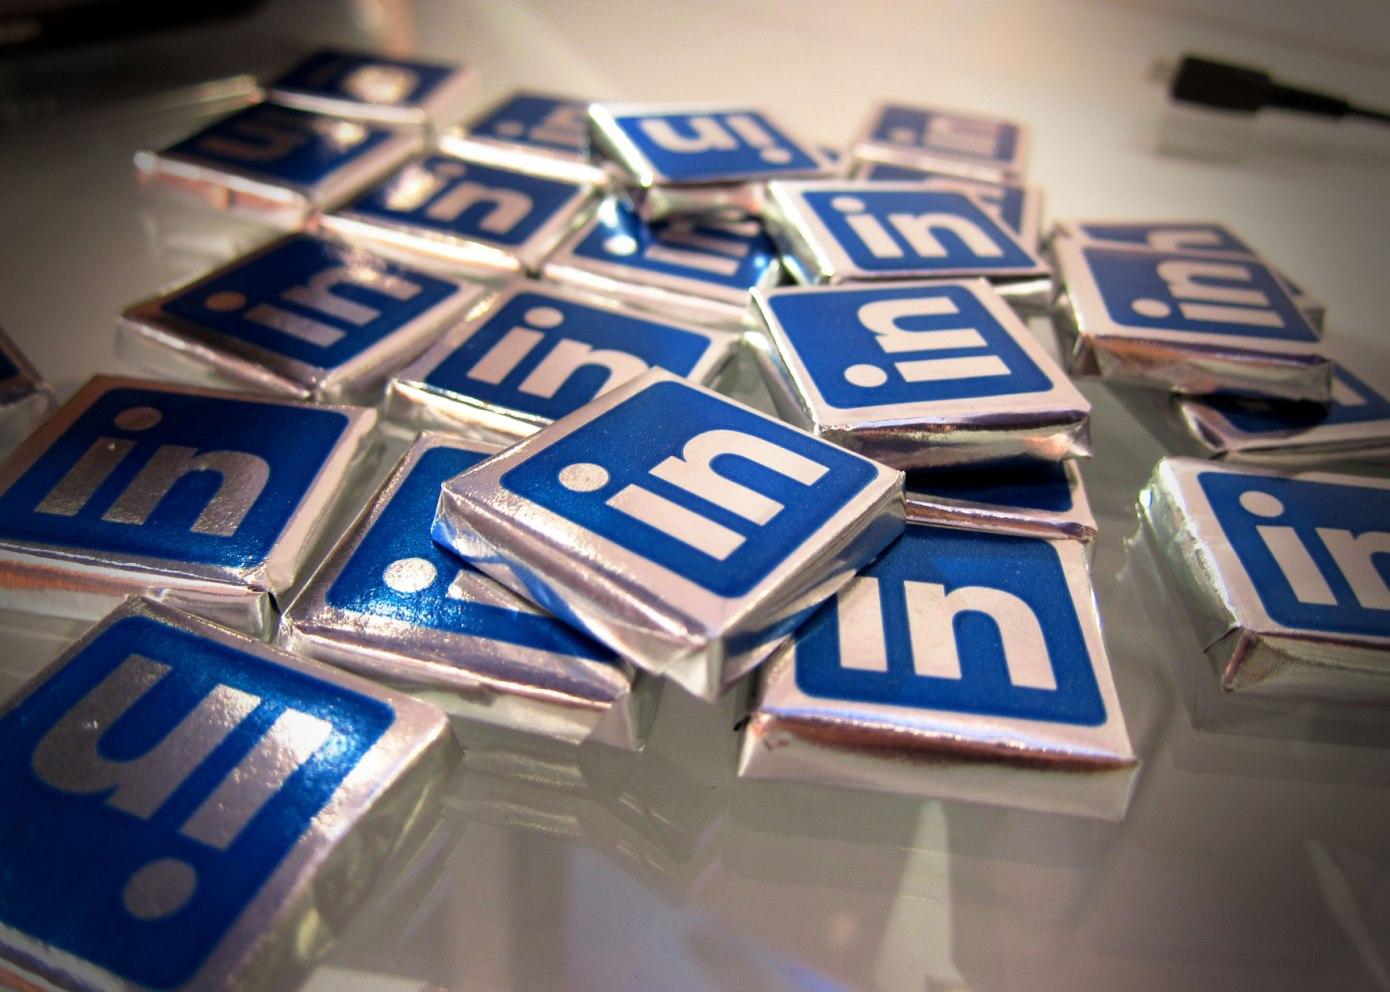 LinkedIn agrega el modo Creador, perfiles de video y nuevas herramientas de capacitación profesional junto a Microsoft